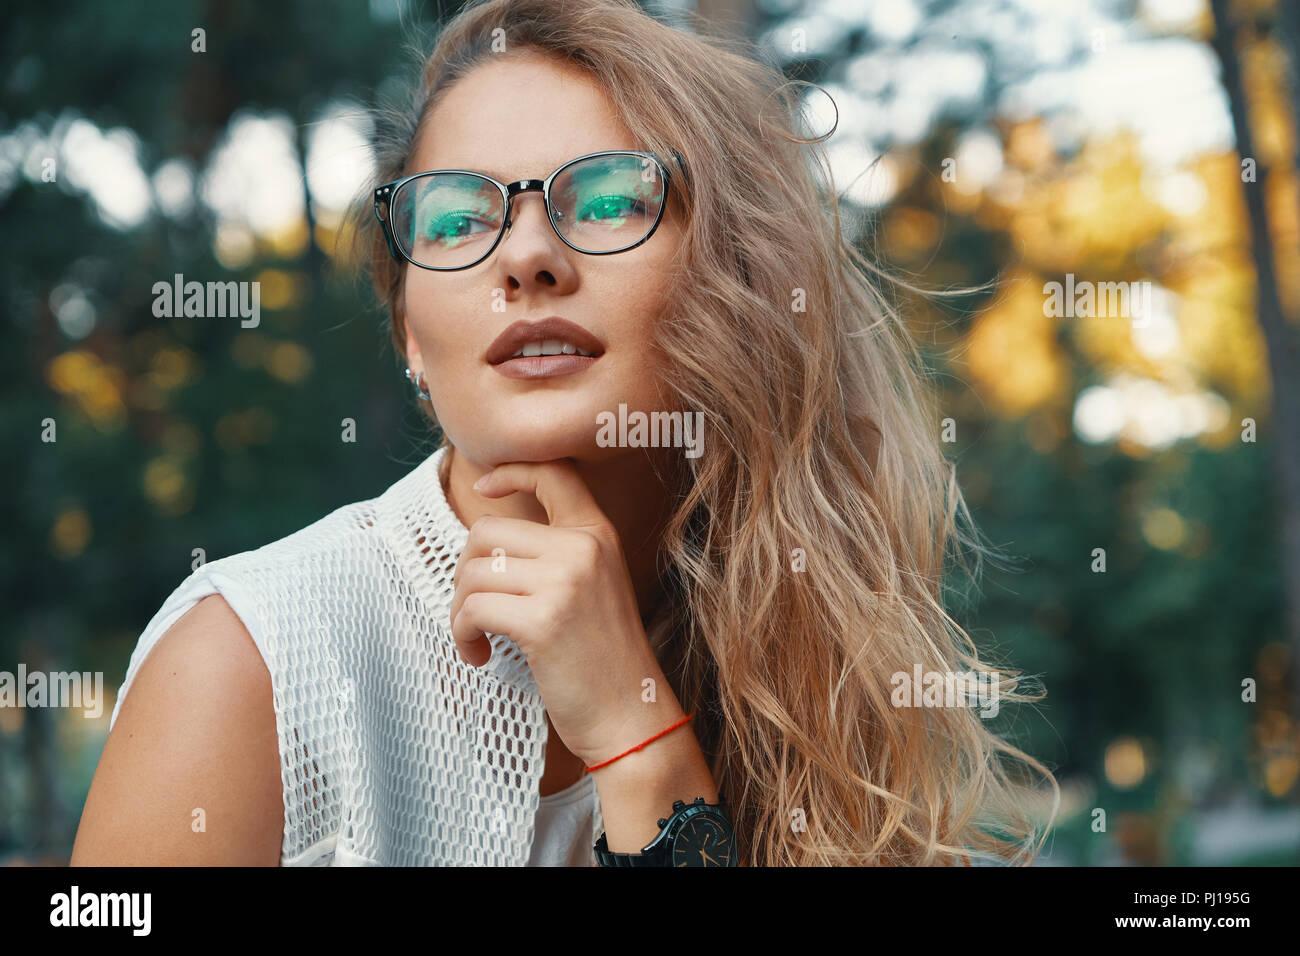 9a4a2657f6 Precioso modelo de gafas. Mujer atractiva con gafas, tocar la barbilla con  una mano mientras sonriendo, mirando a la cámara, vestidas de blanco ropa  de moda ...